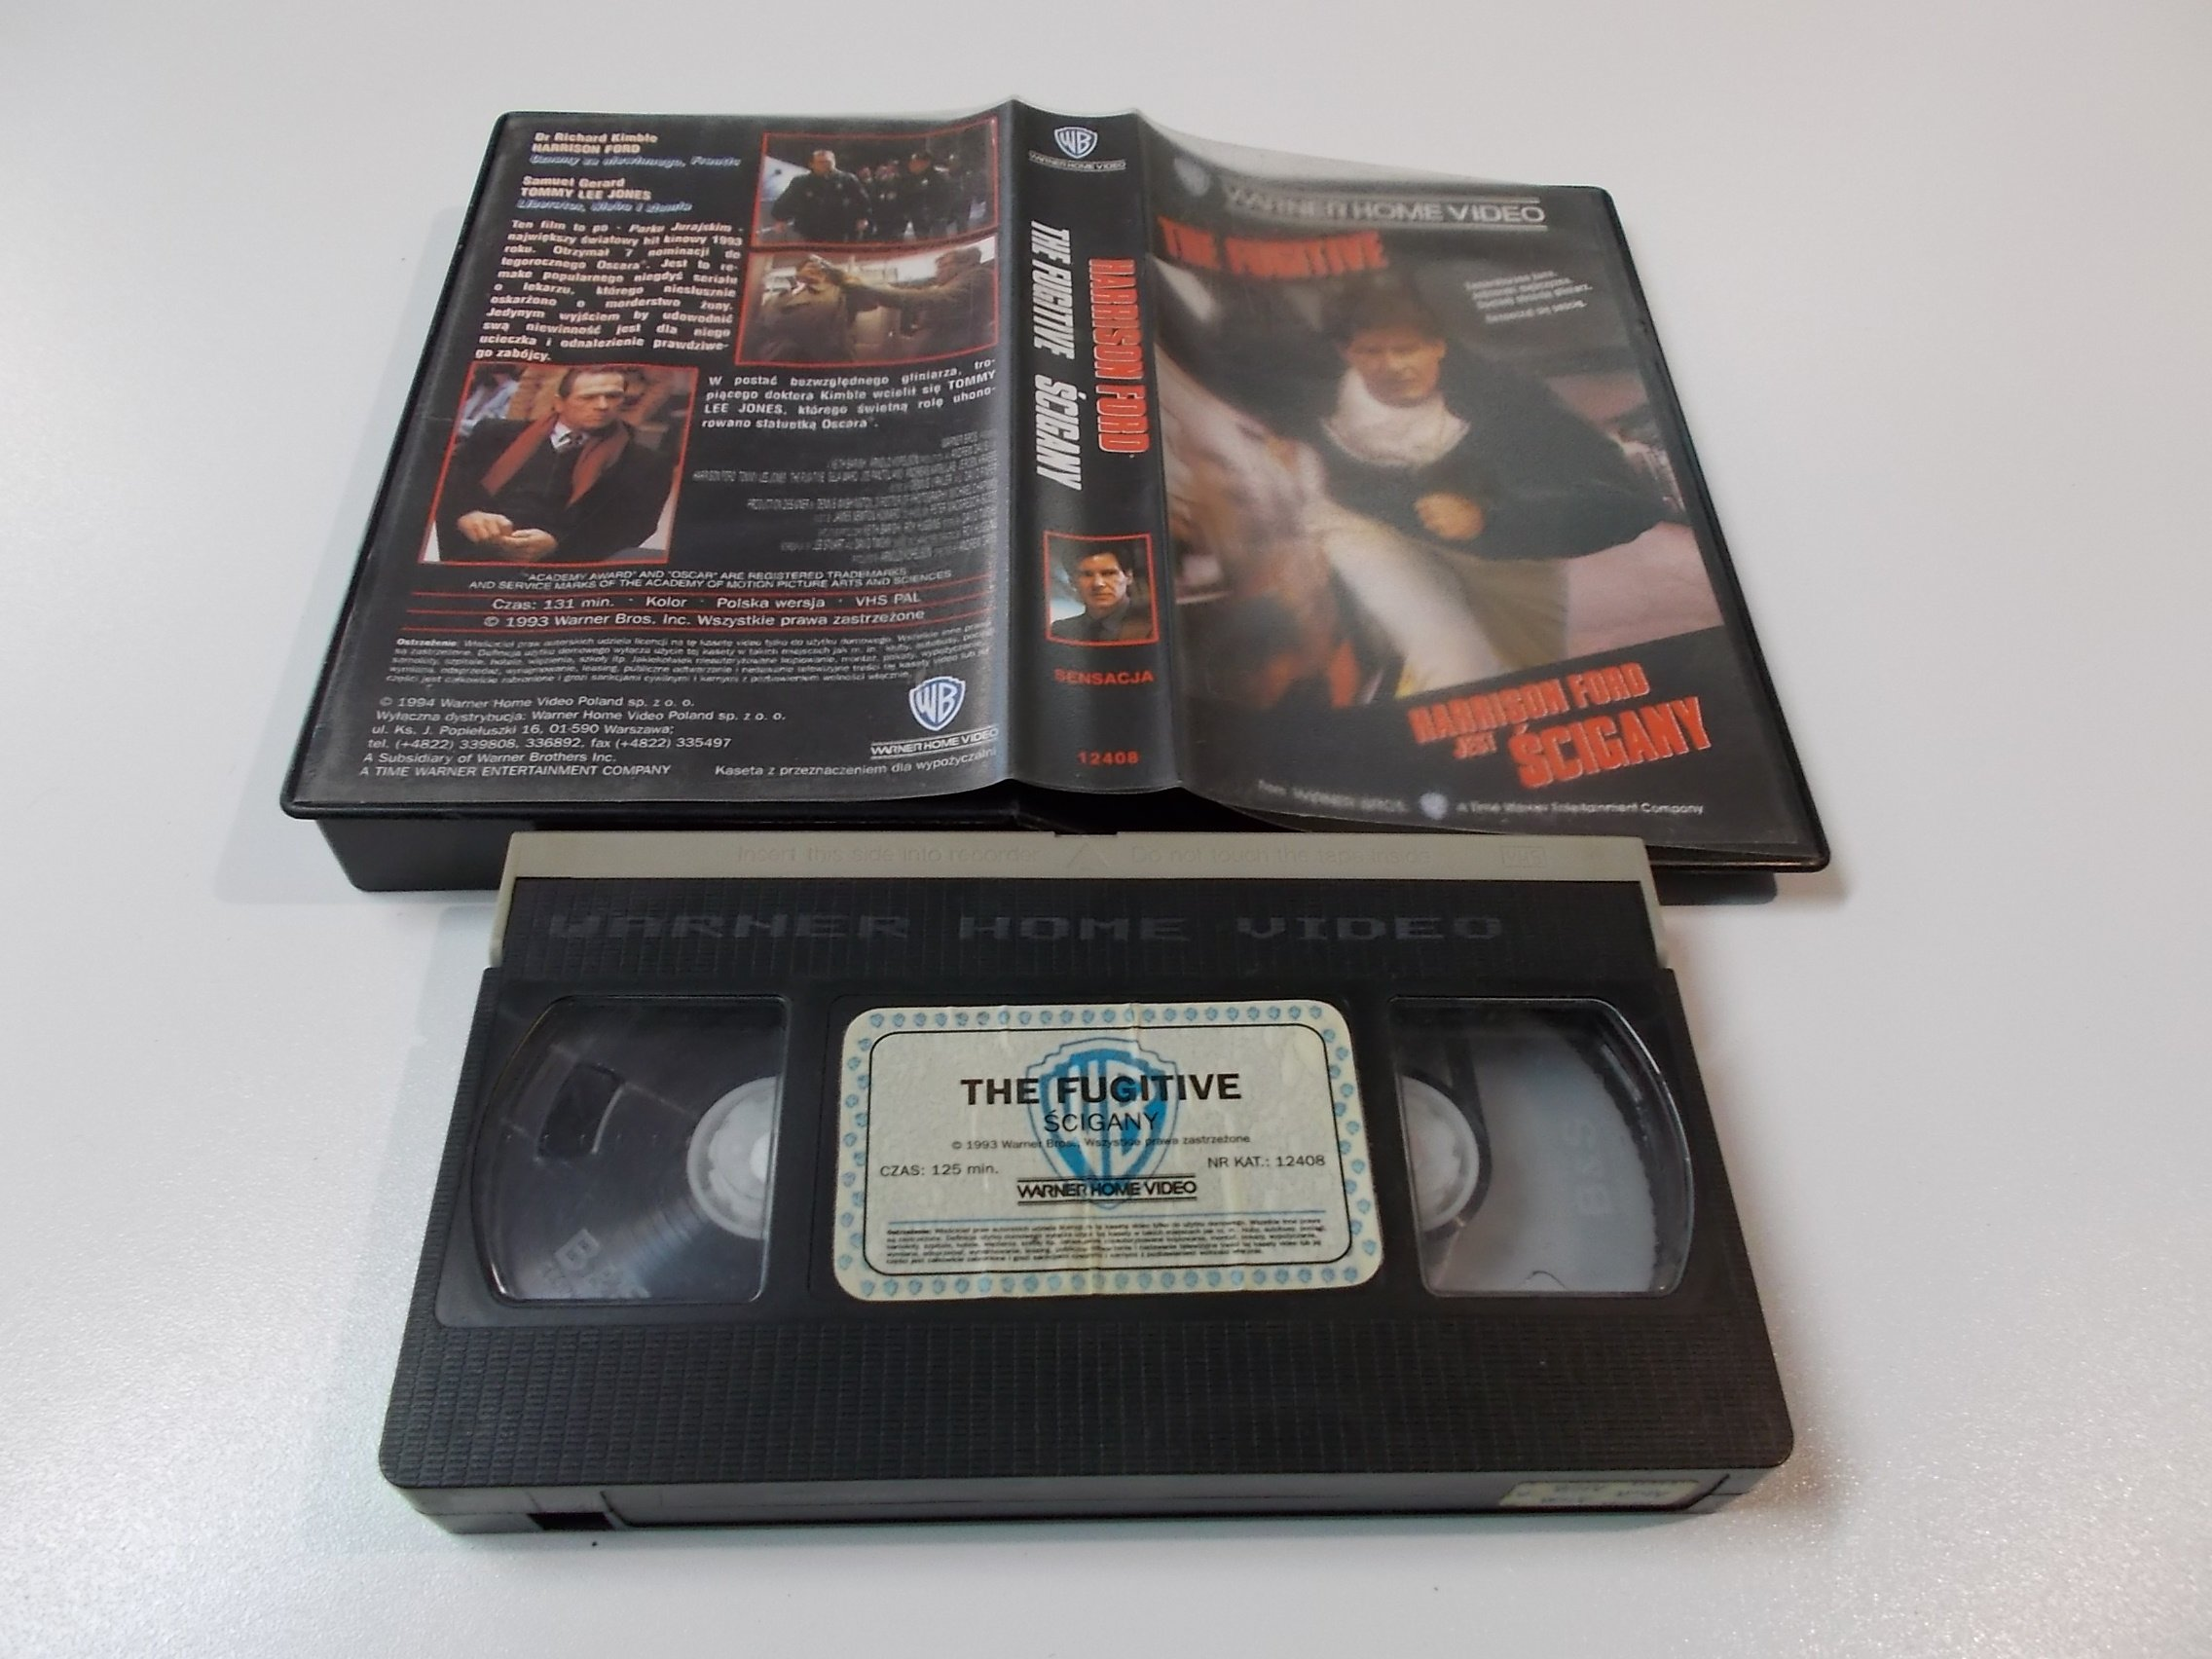 ŚCIGANY - HARRISON FORD - Kaseta Video VHS - Opole 1510